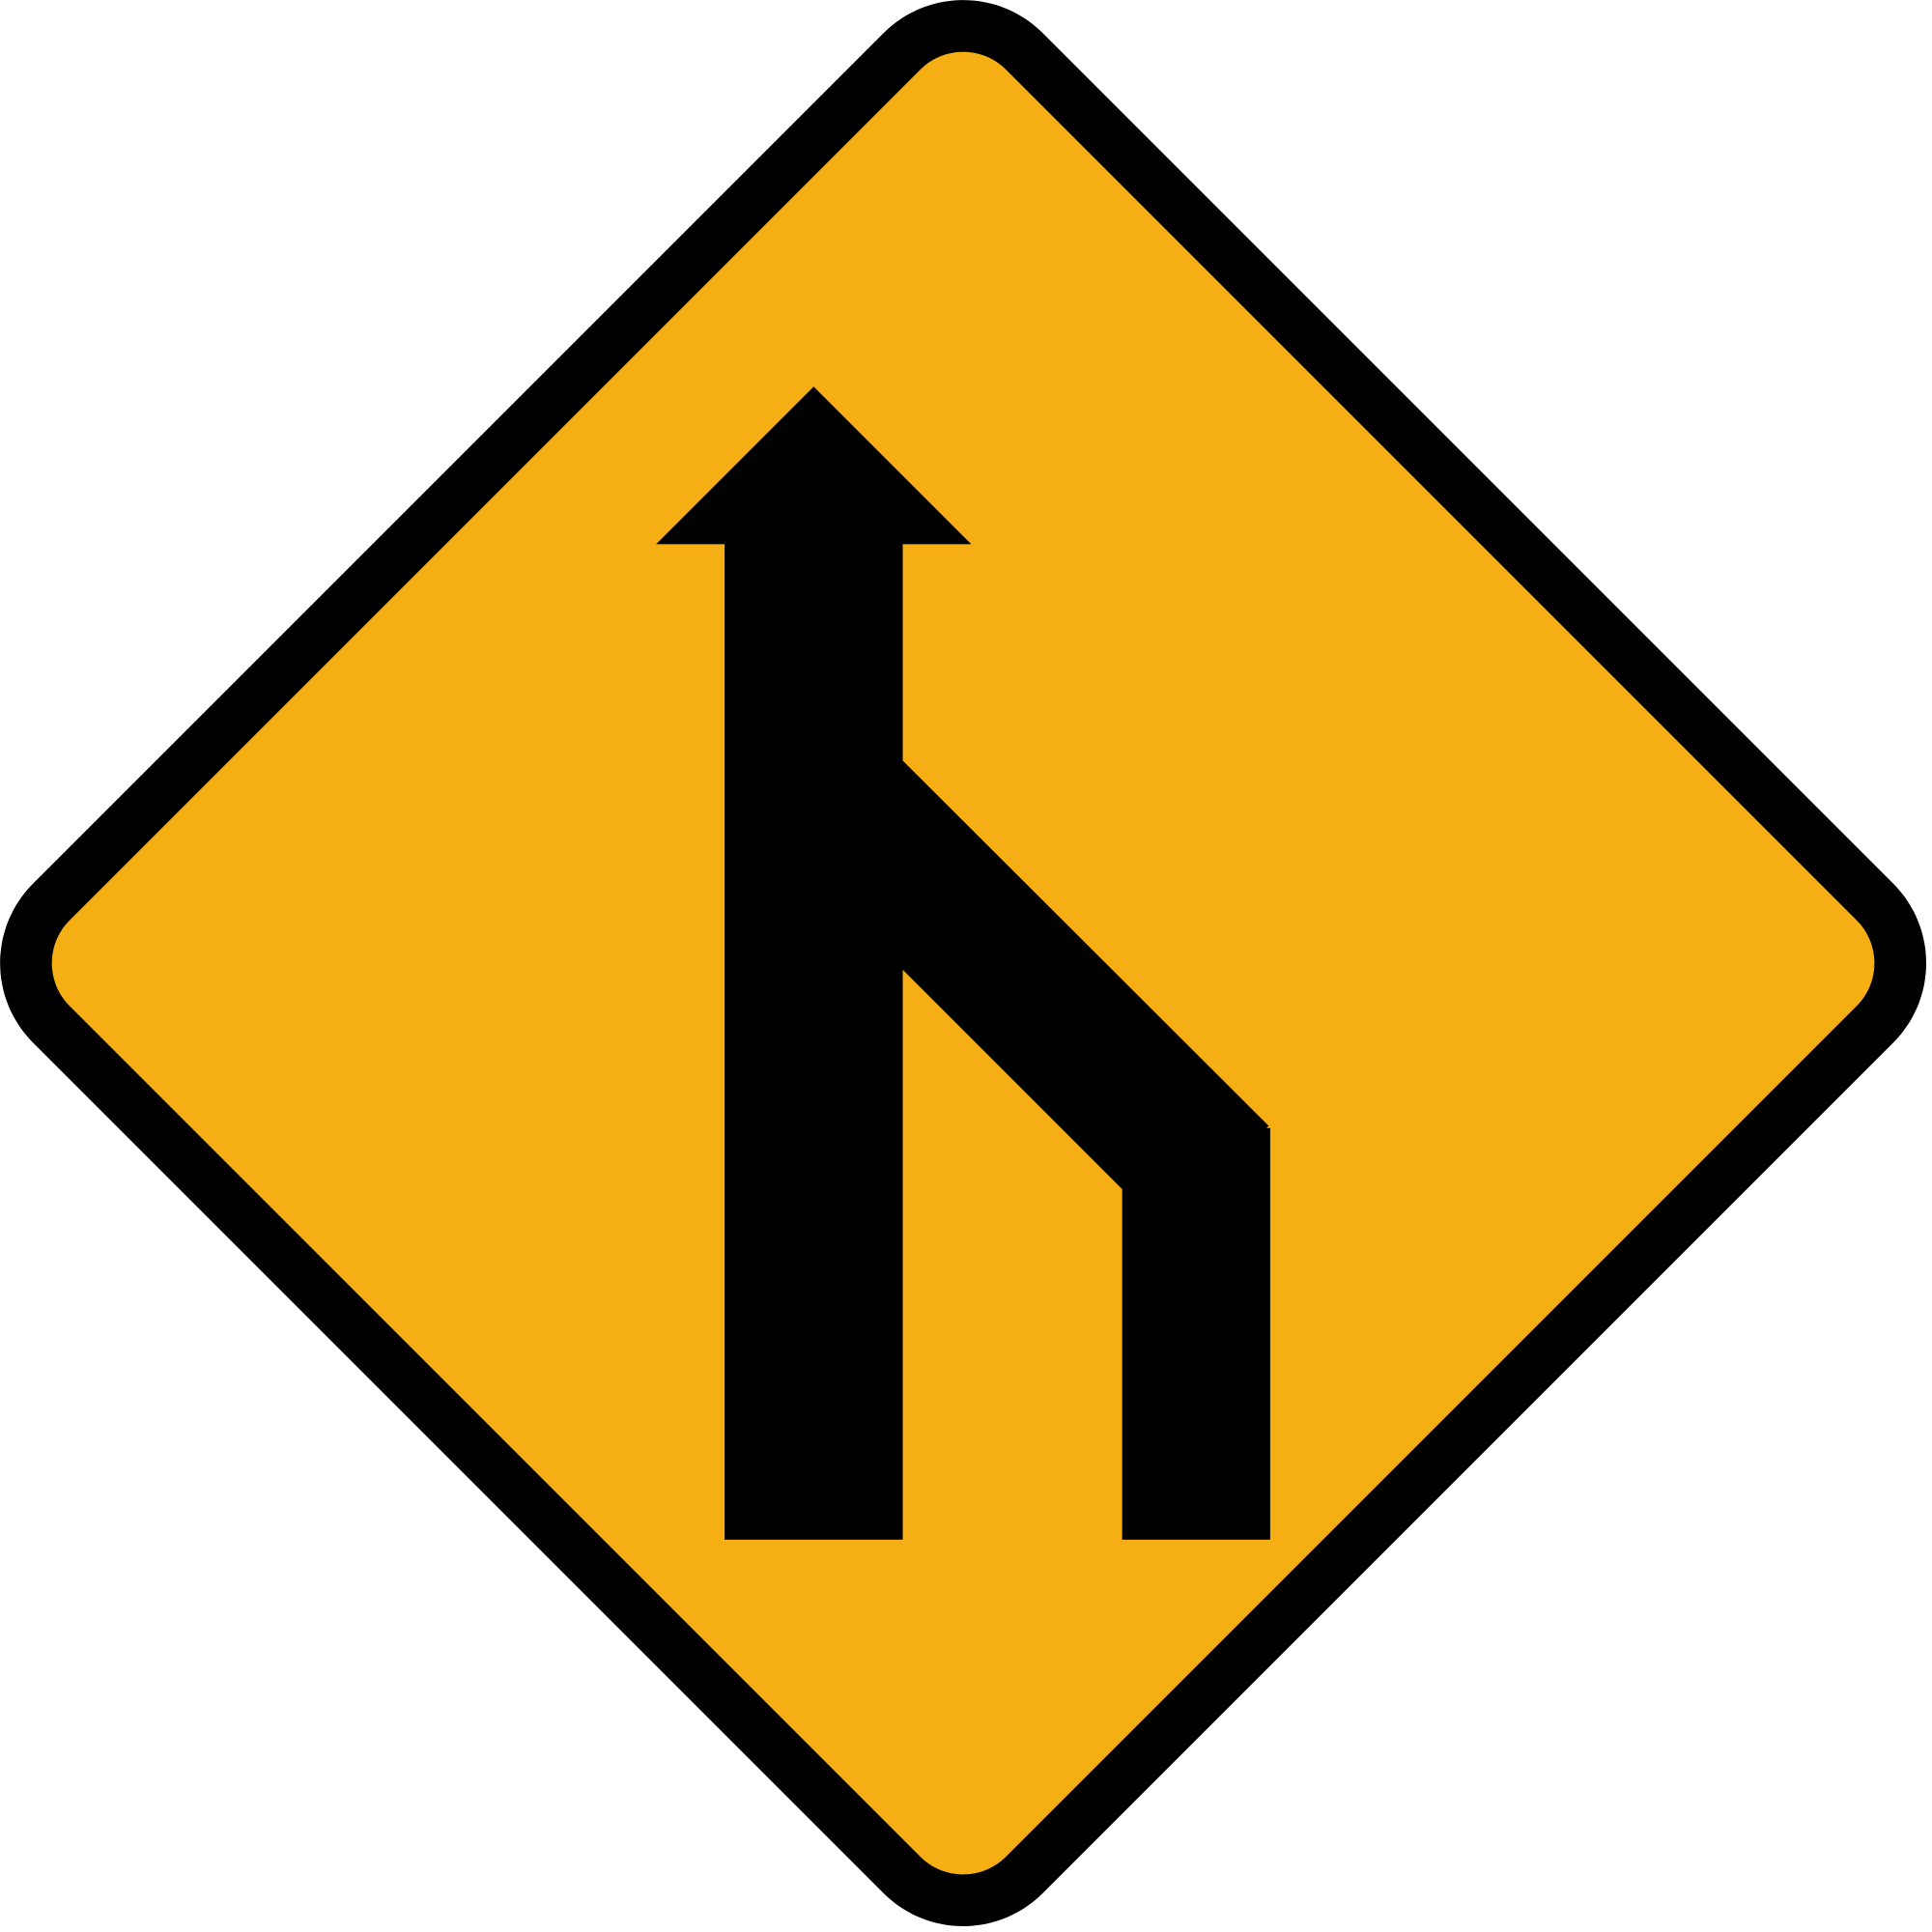 File:Diamond road sign merge to single lane.svg.